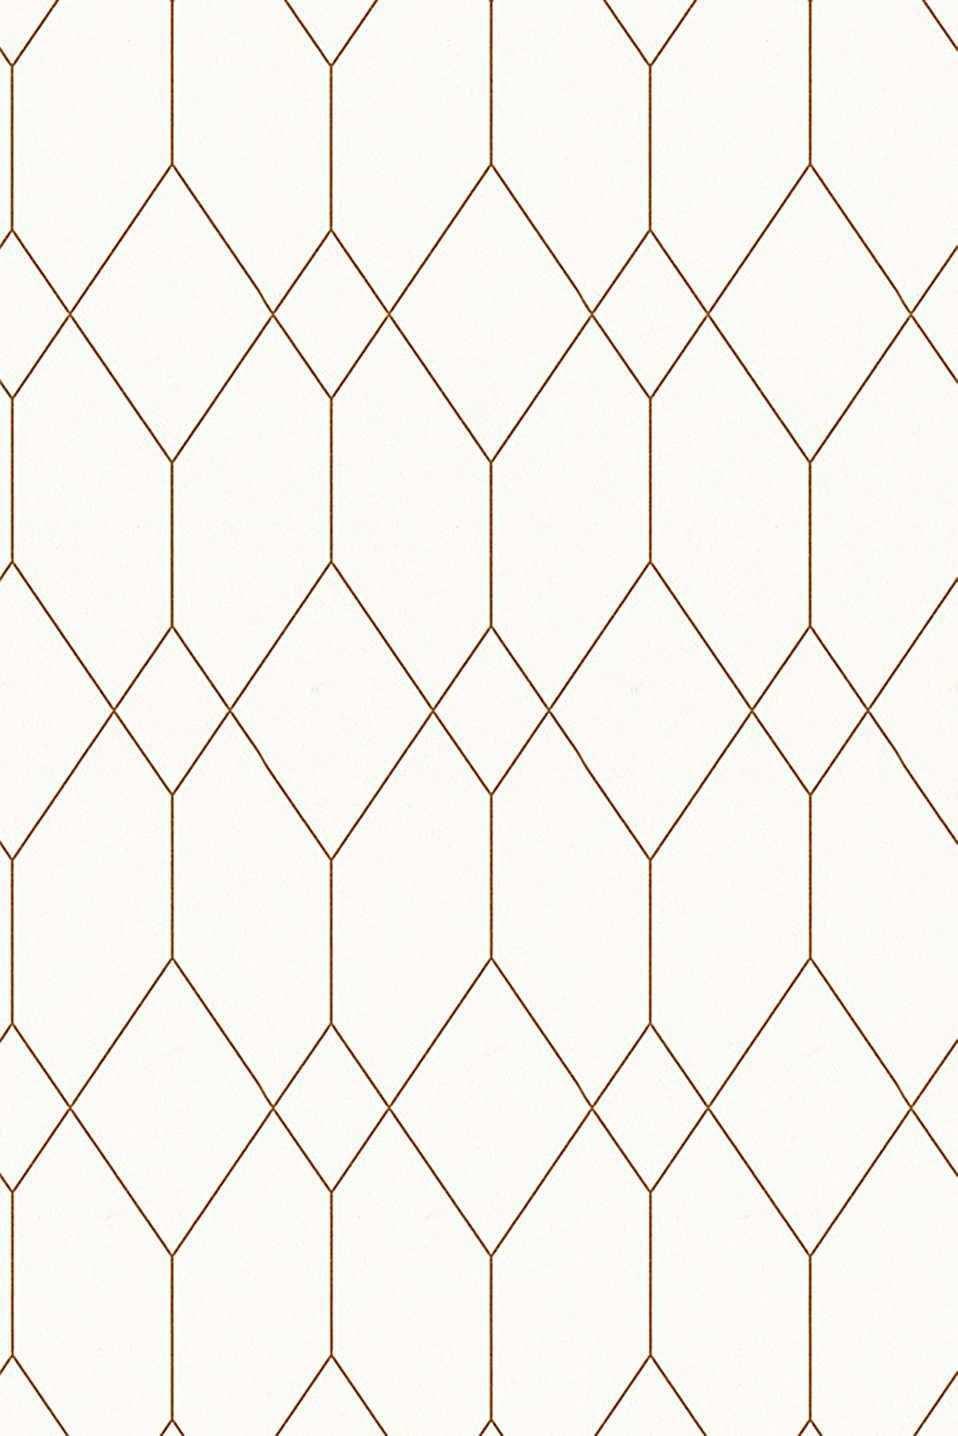 Esprit Papier Tapete Mit Grafischem Muster Art Deco Hintergrundbild Art Deco Fliesen Gemusterte Wandfliesen